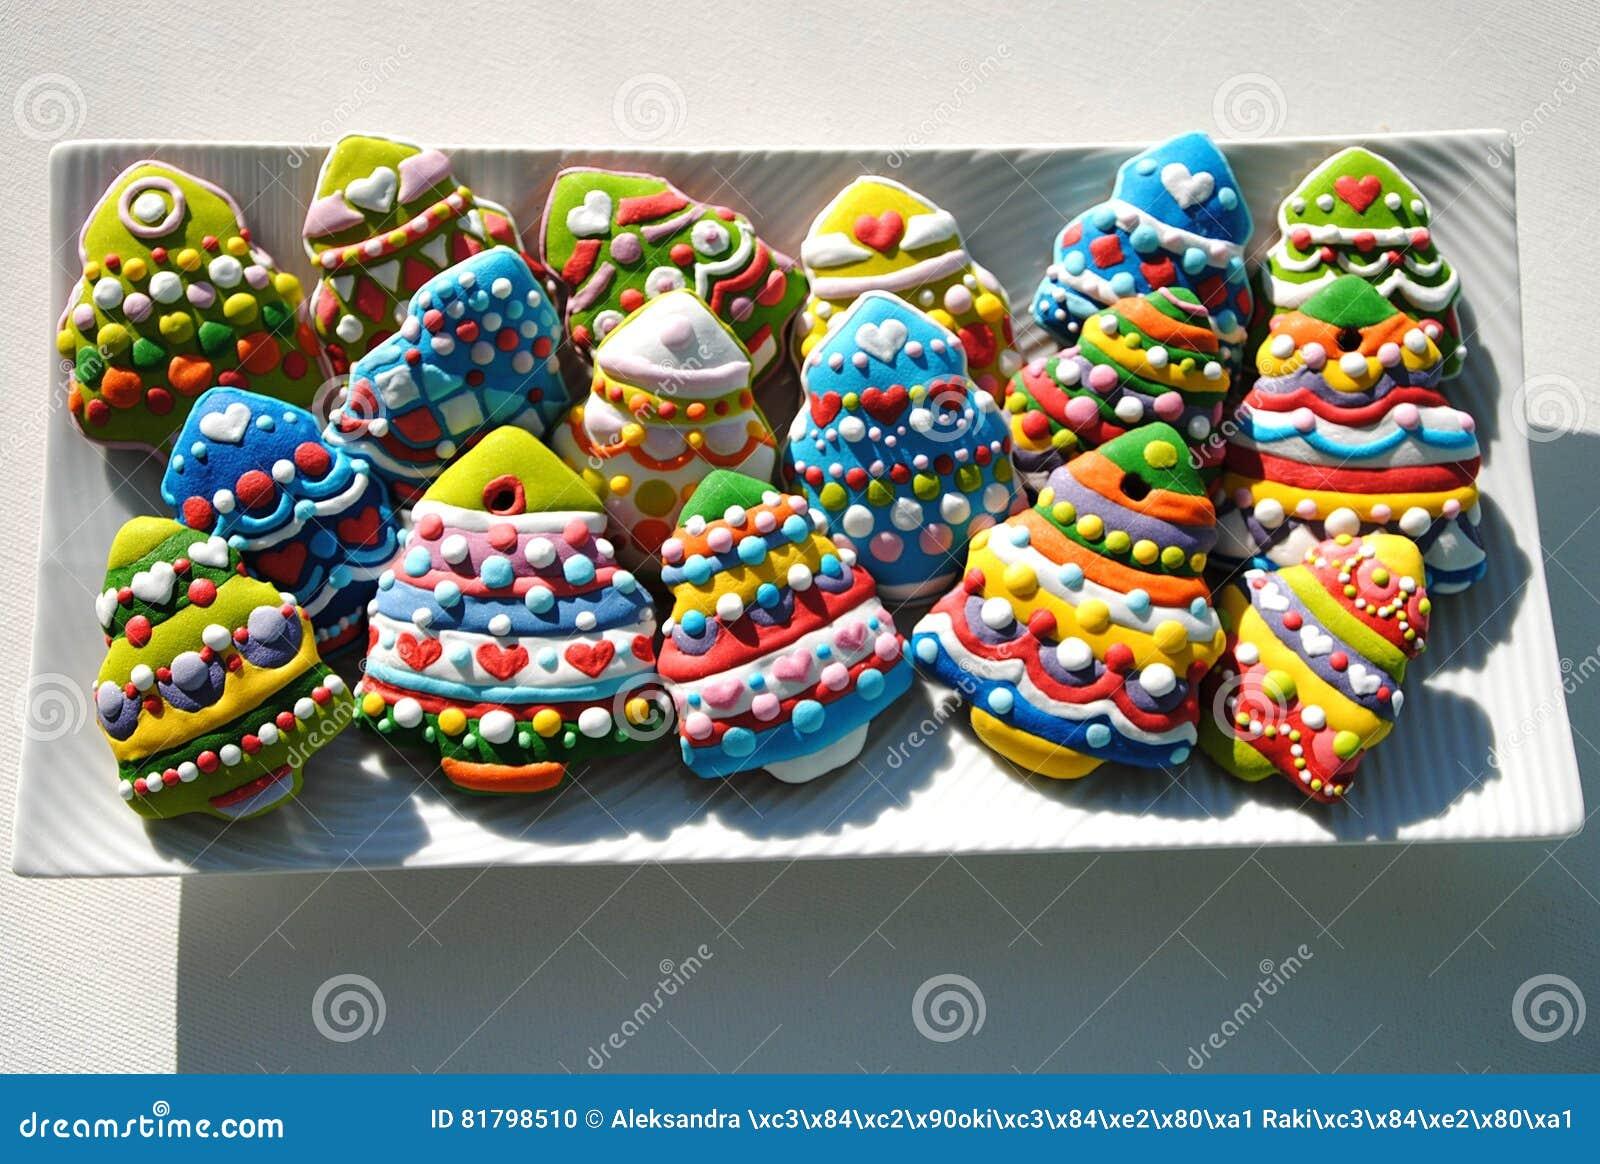 Biscotti Decorati Per Albero Di Natale.Biscotti Variopinti Su Un Piatto Bianco Biscotti Degli Alberi Di